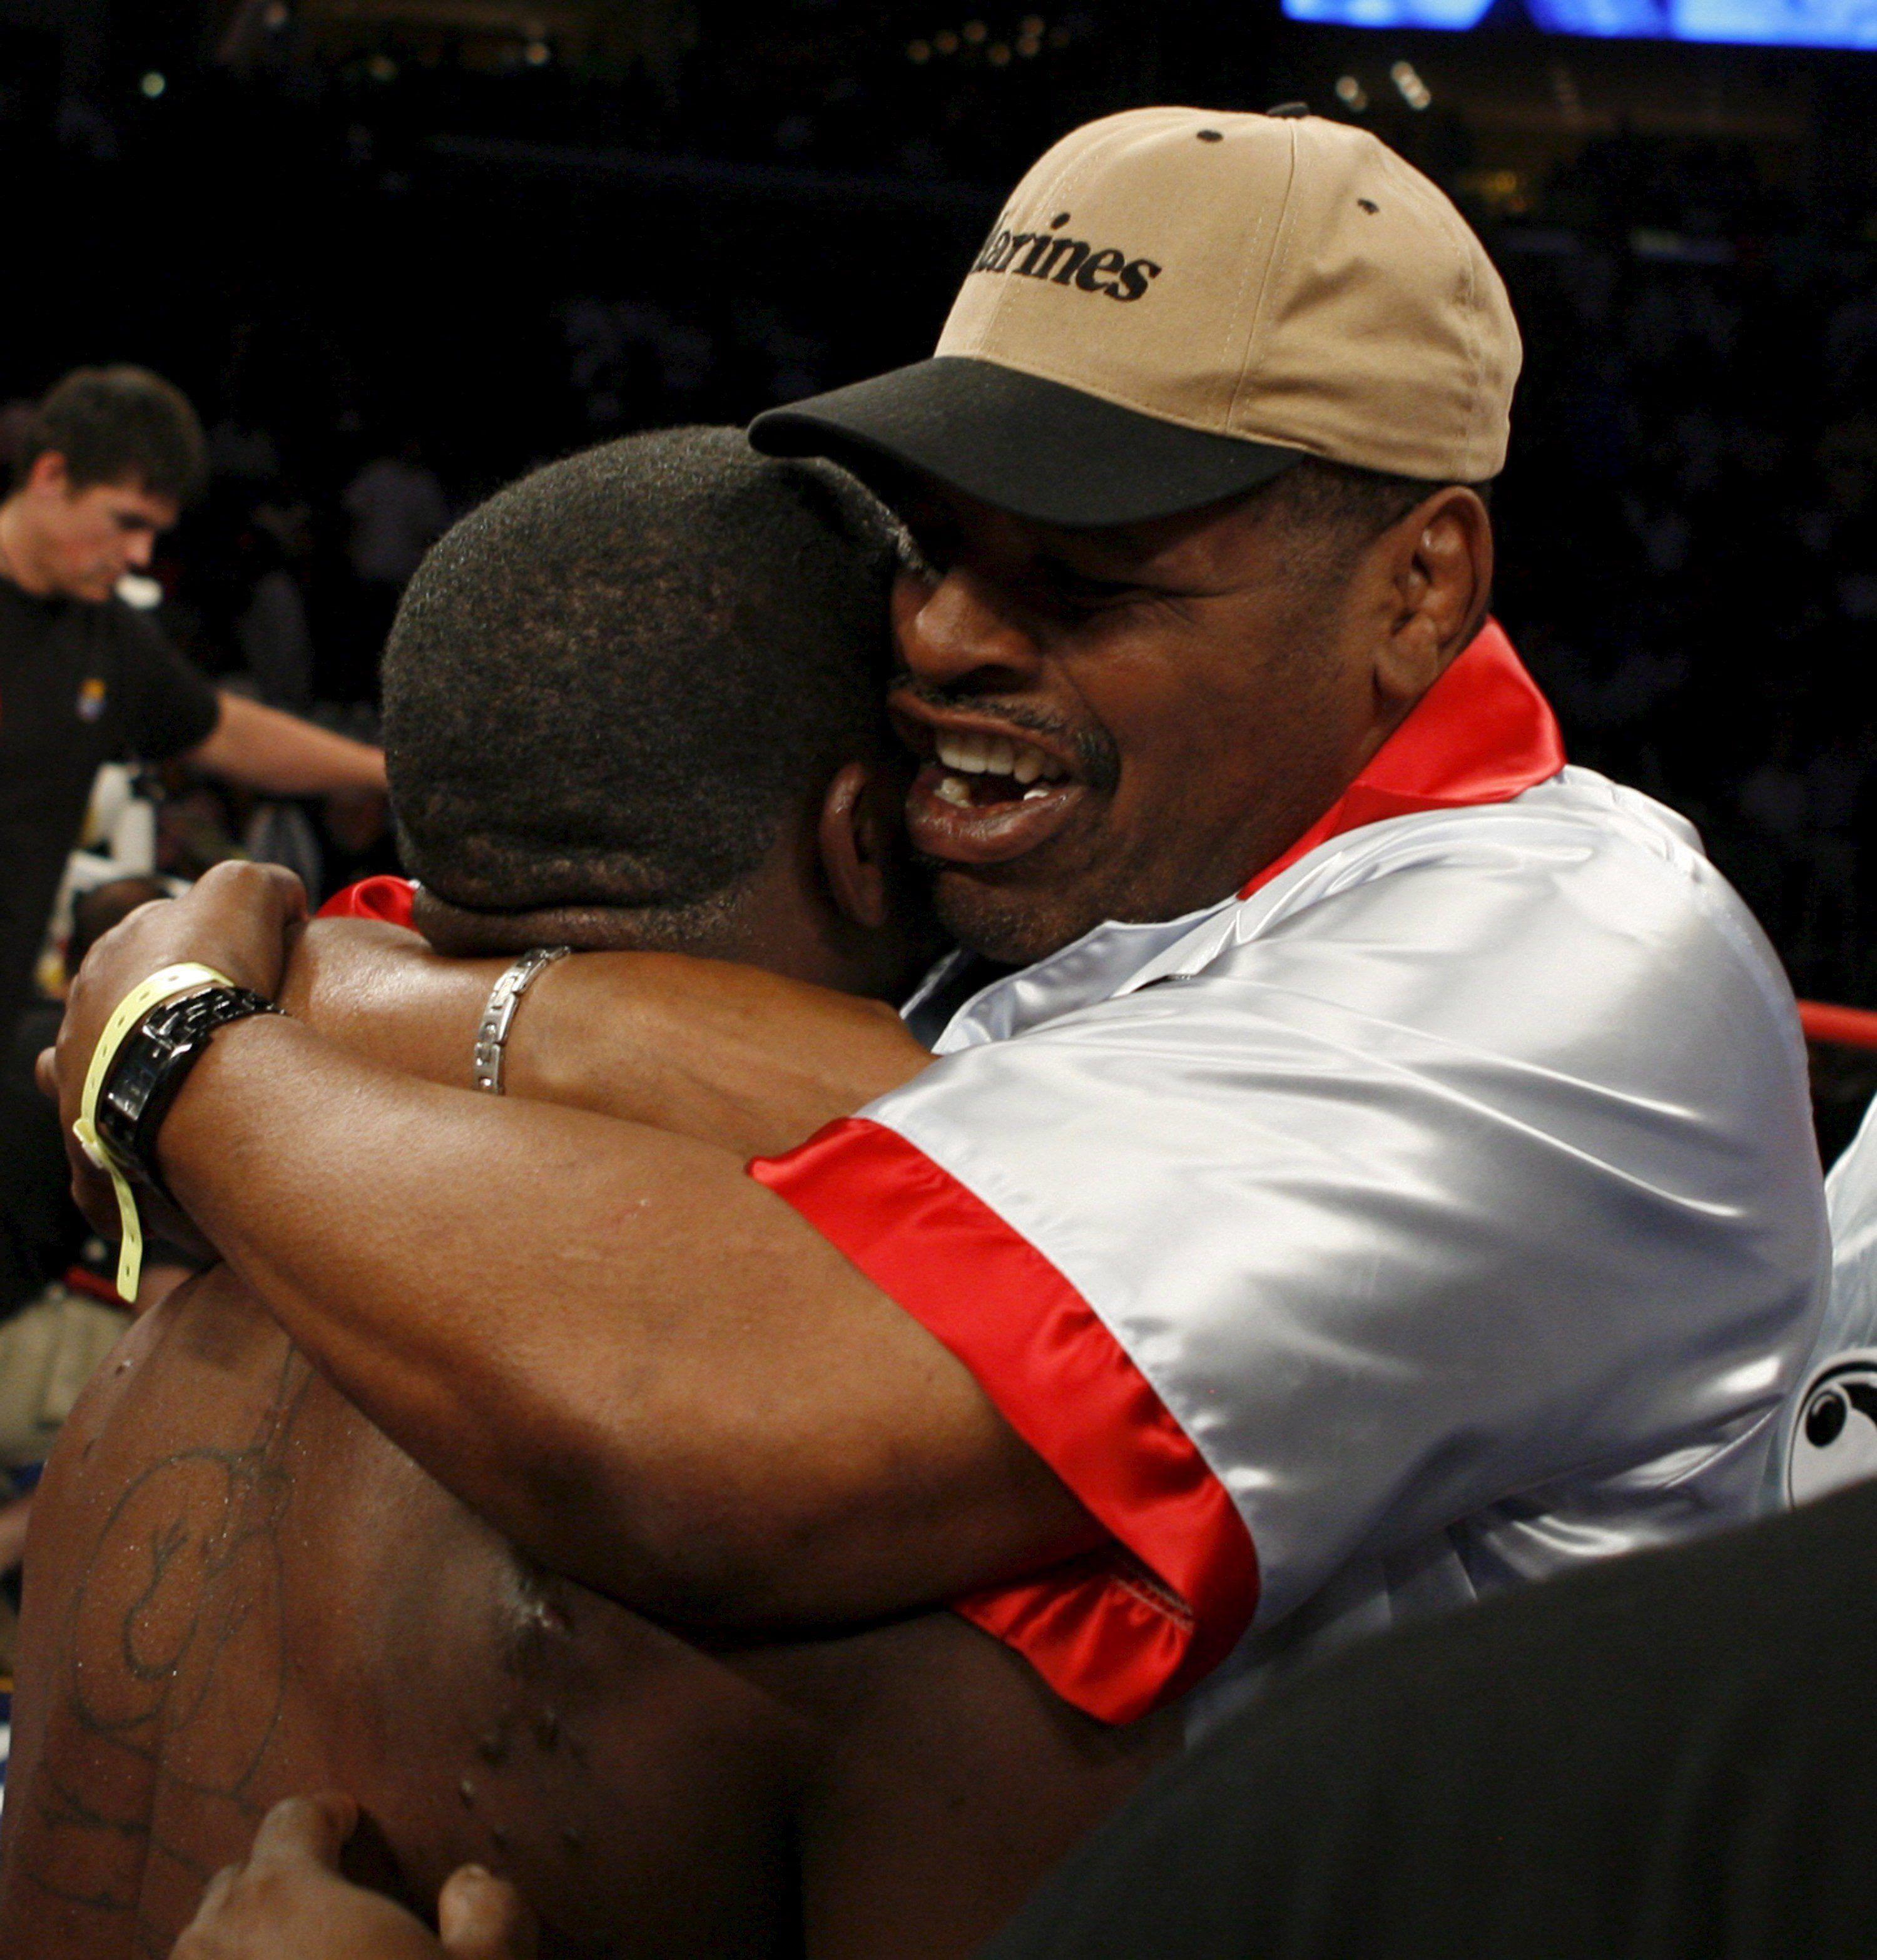 El boxeador Cory Spinks (i) recibe un abrazo de su padre, el ex campeón de medio peso Leon Spinks tras perder una pelea. EFE/MIKE BROWN/Archivo